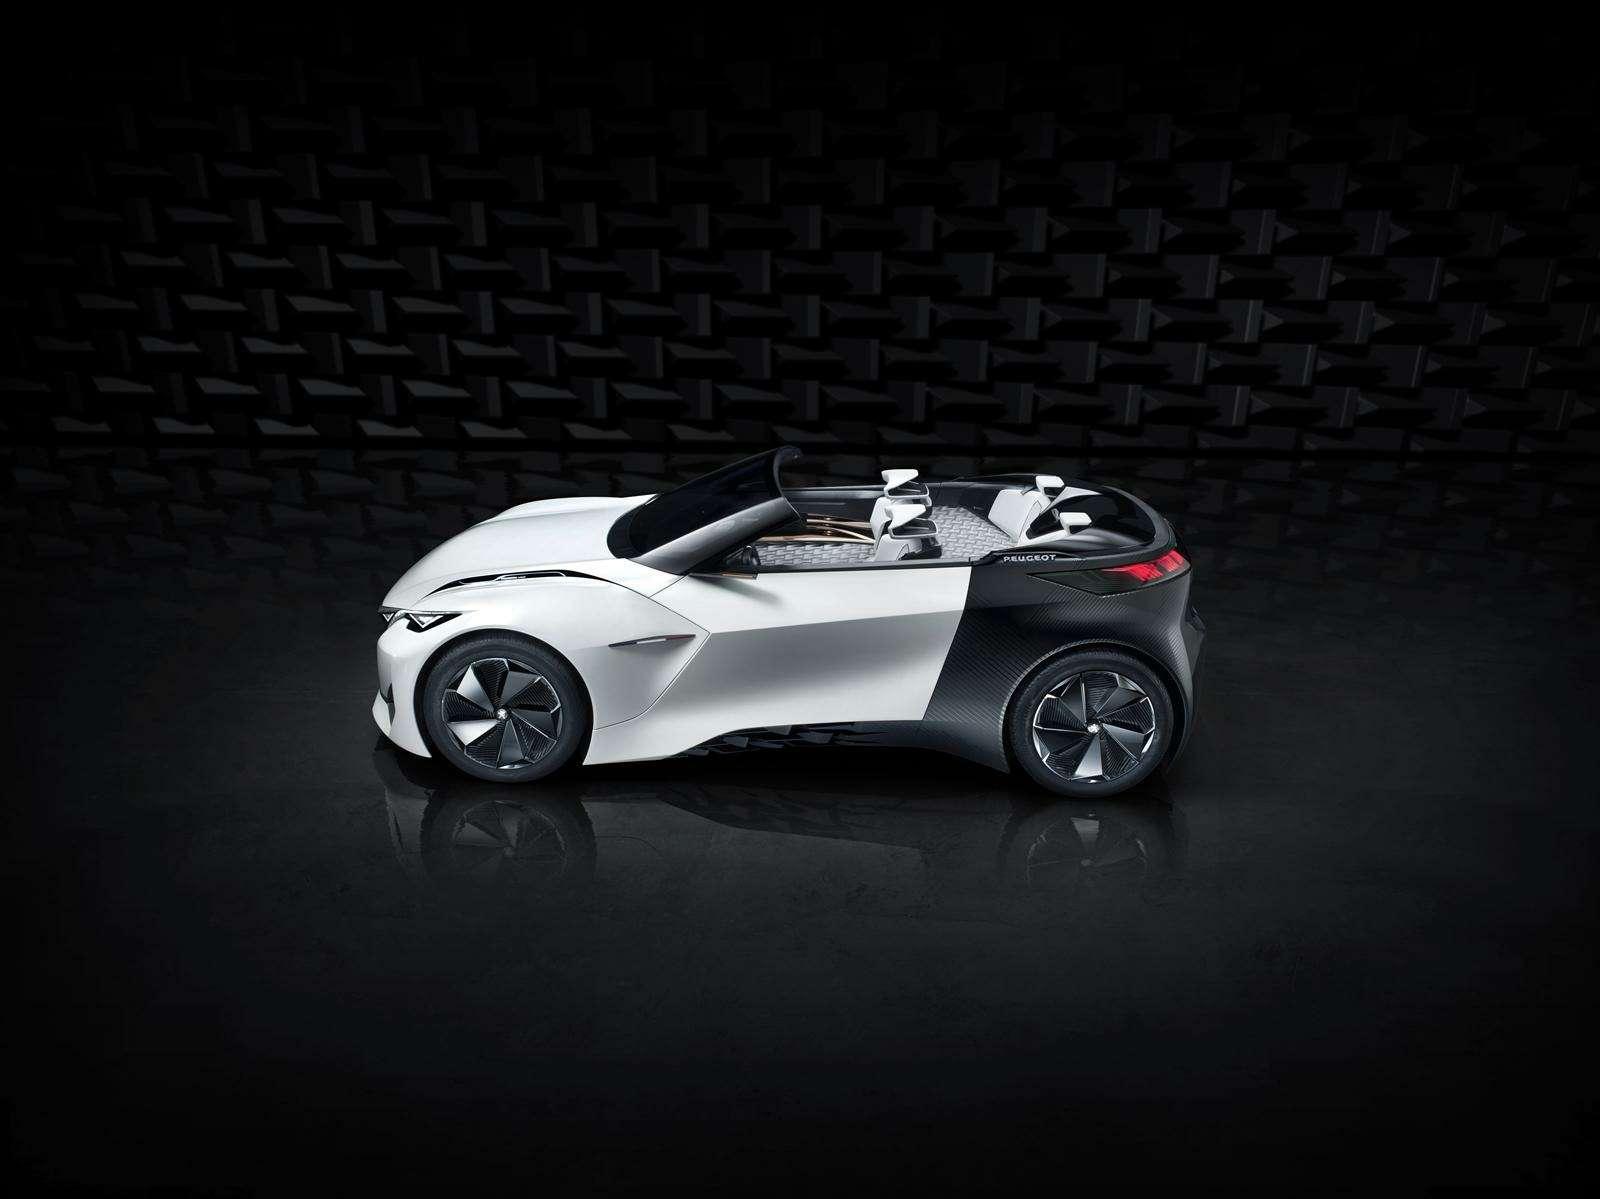 PeugeotF9